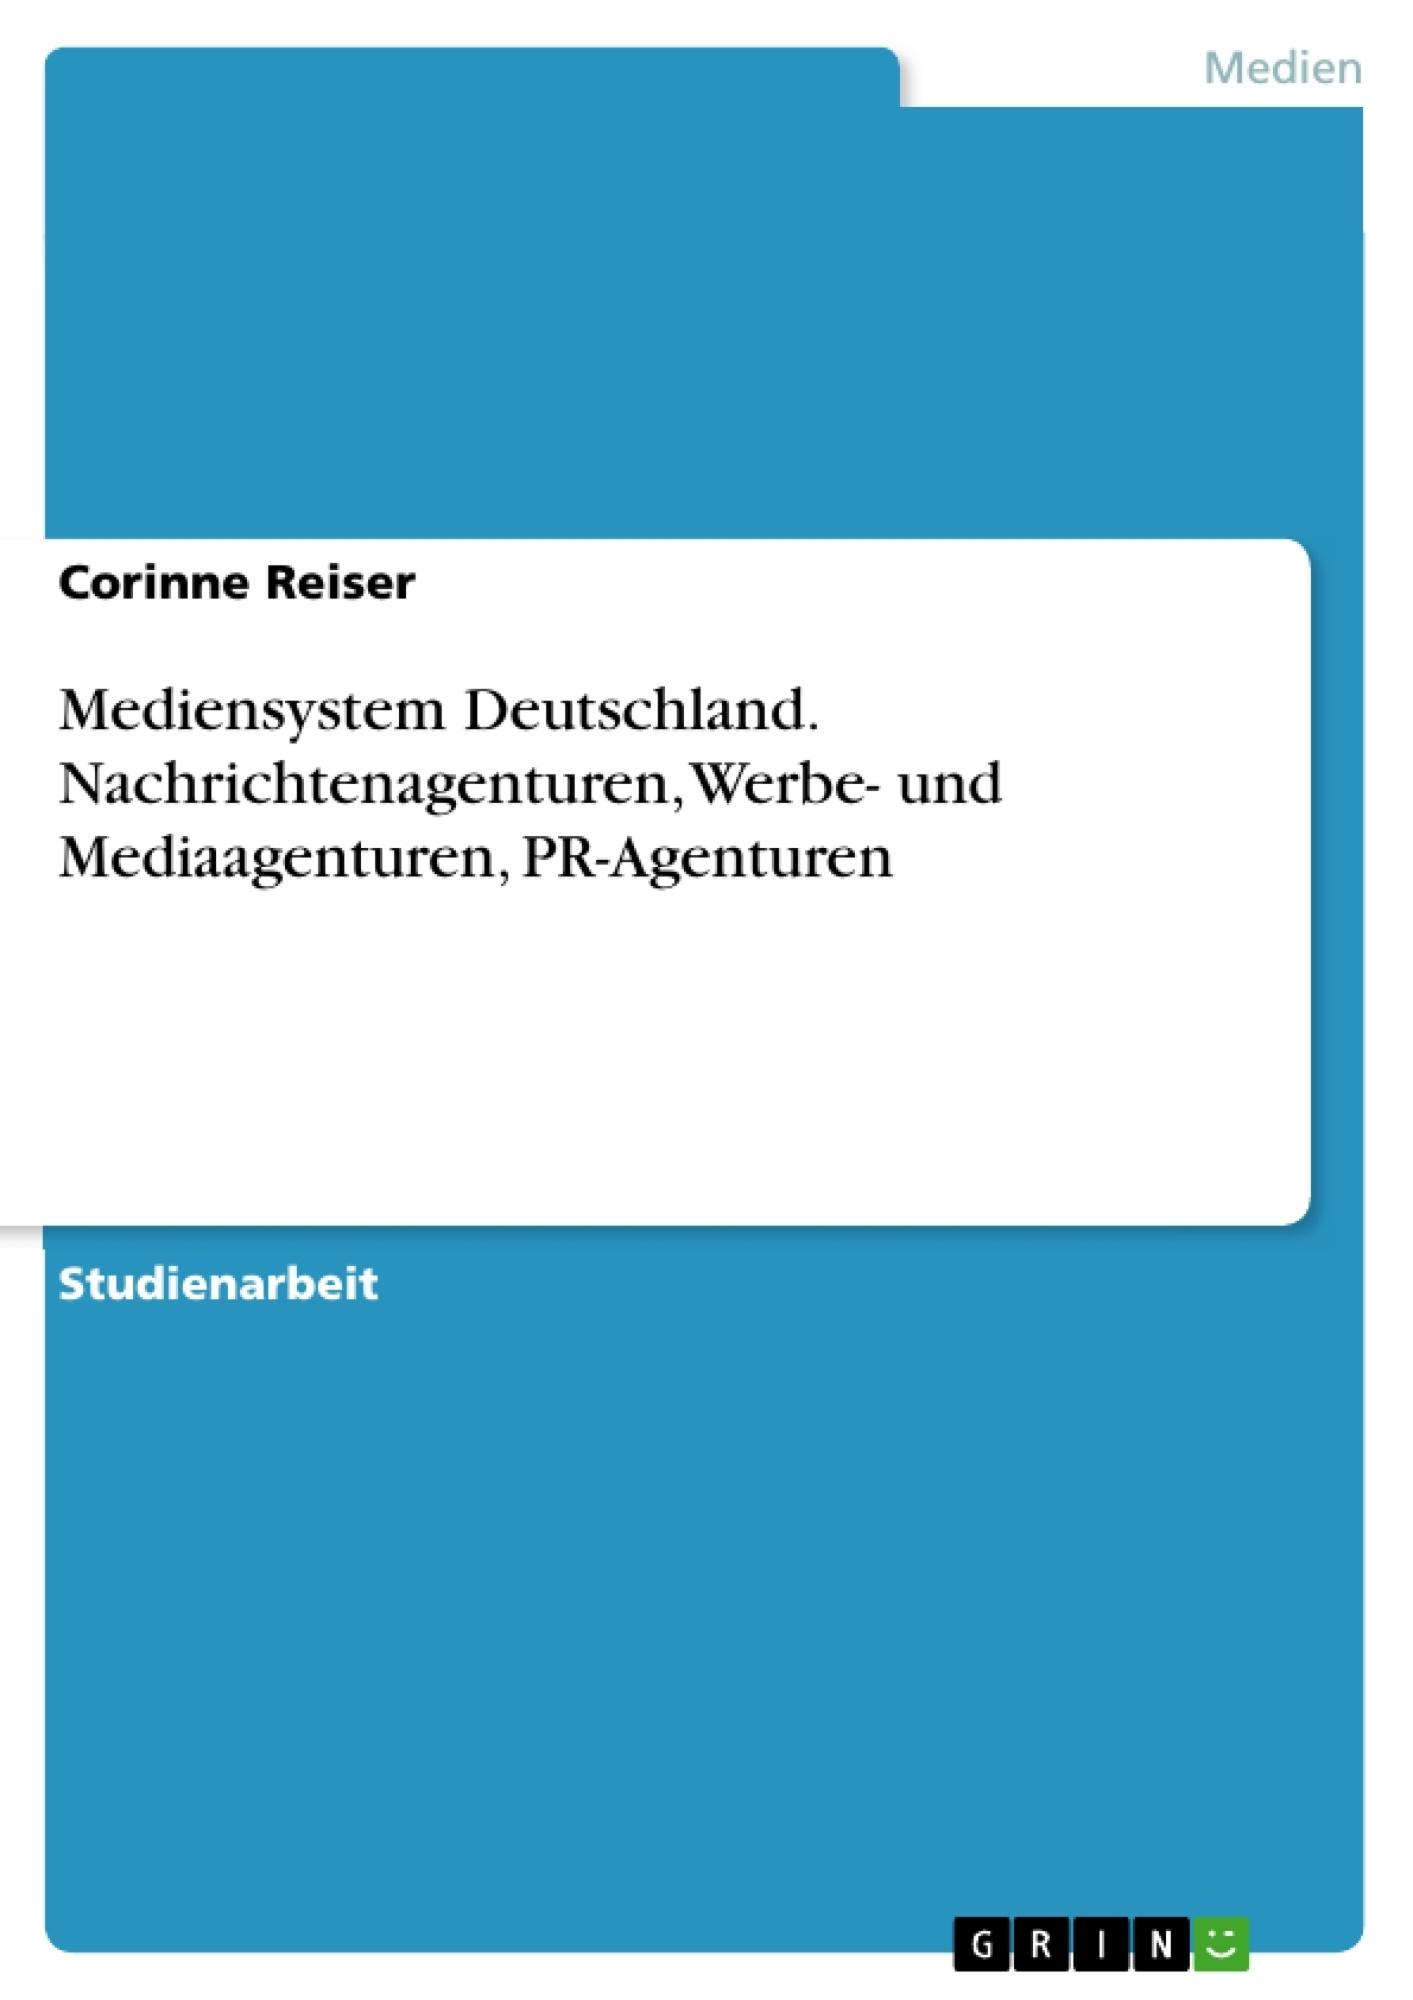 Titel: Mediensystem Deutschland. Nachrichtenagenturen, Werbe- und Mediaagenturen, PR-Agenturen